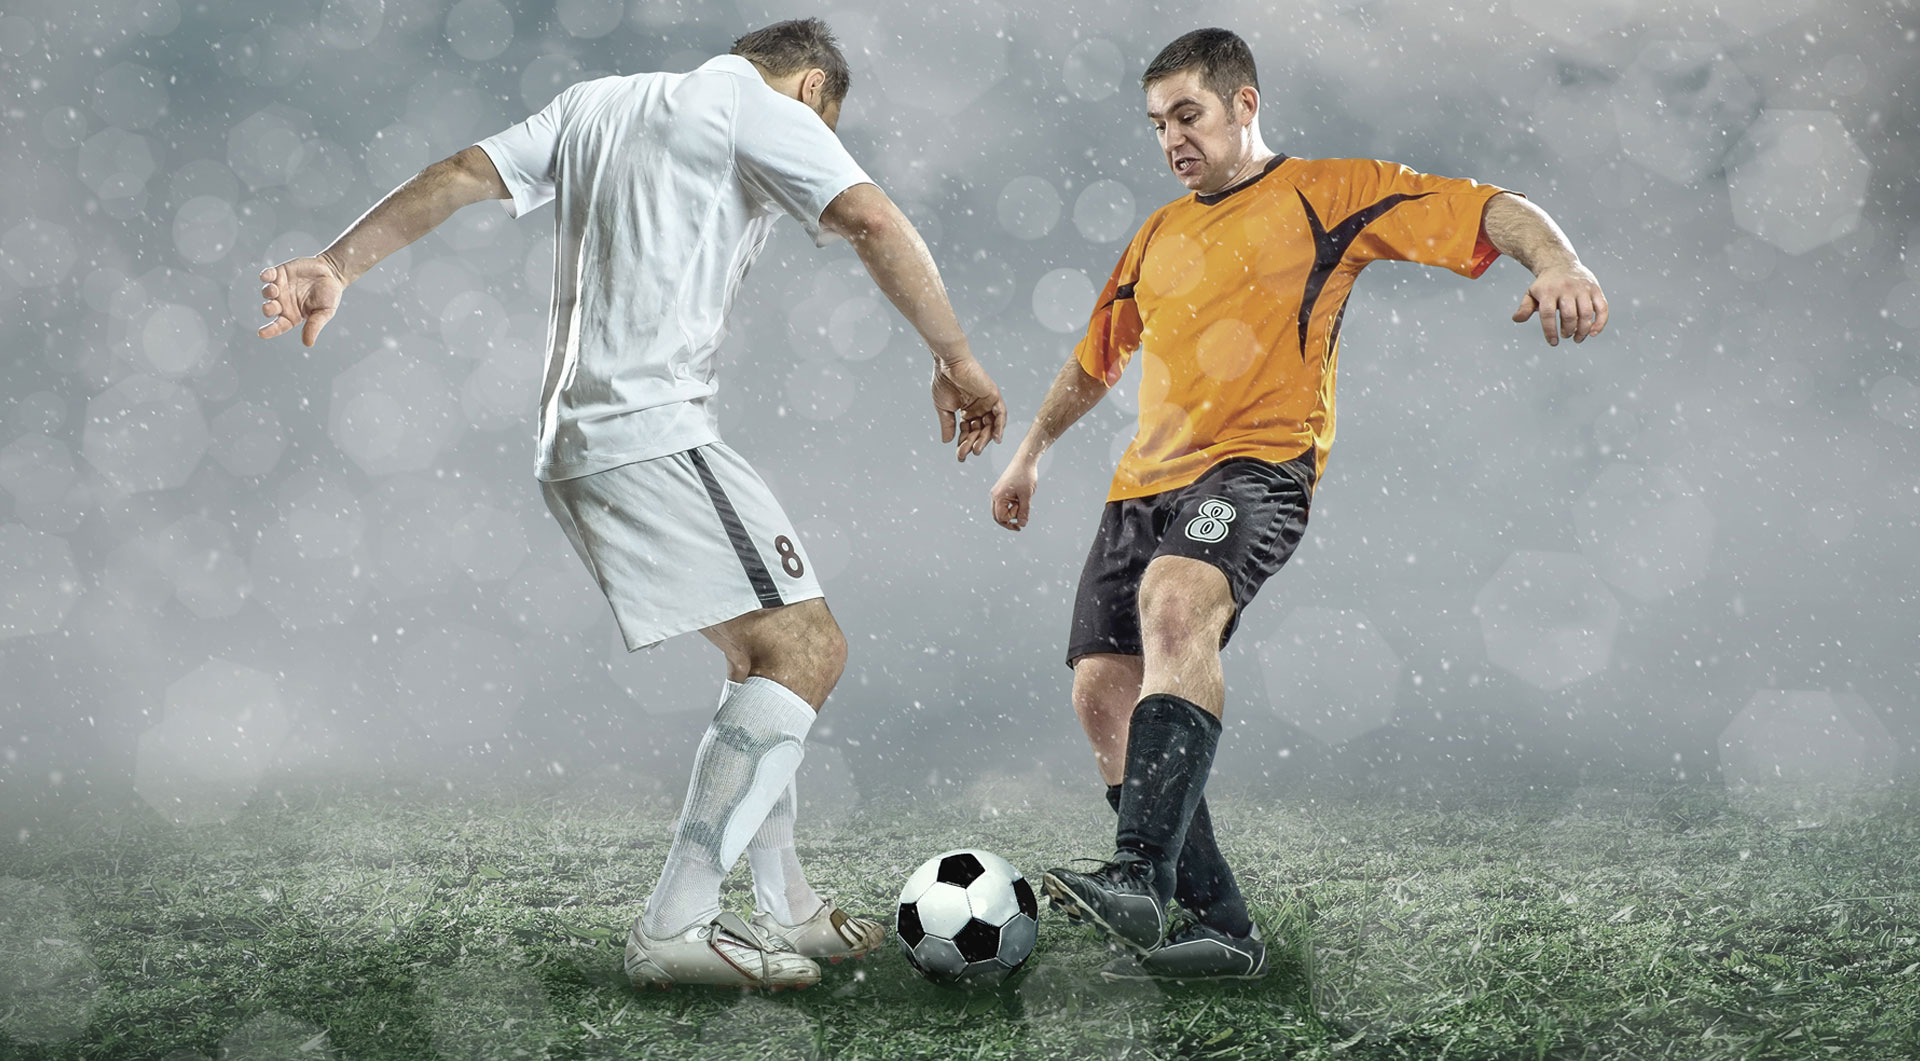 watch-v.-azarenka-vs-c.-mchale-2nd-round-us-open-2014-online